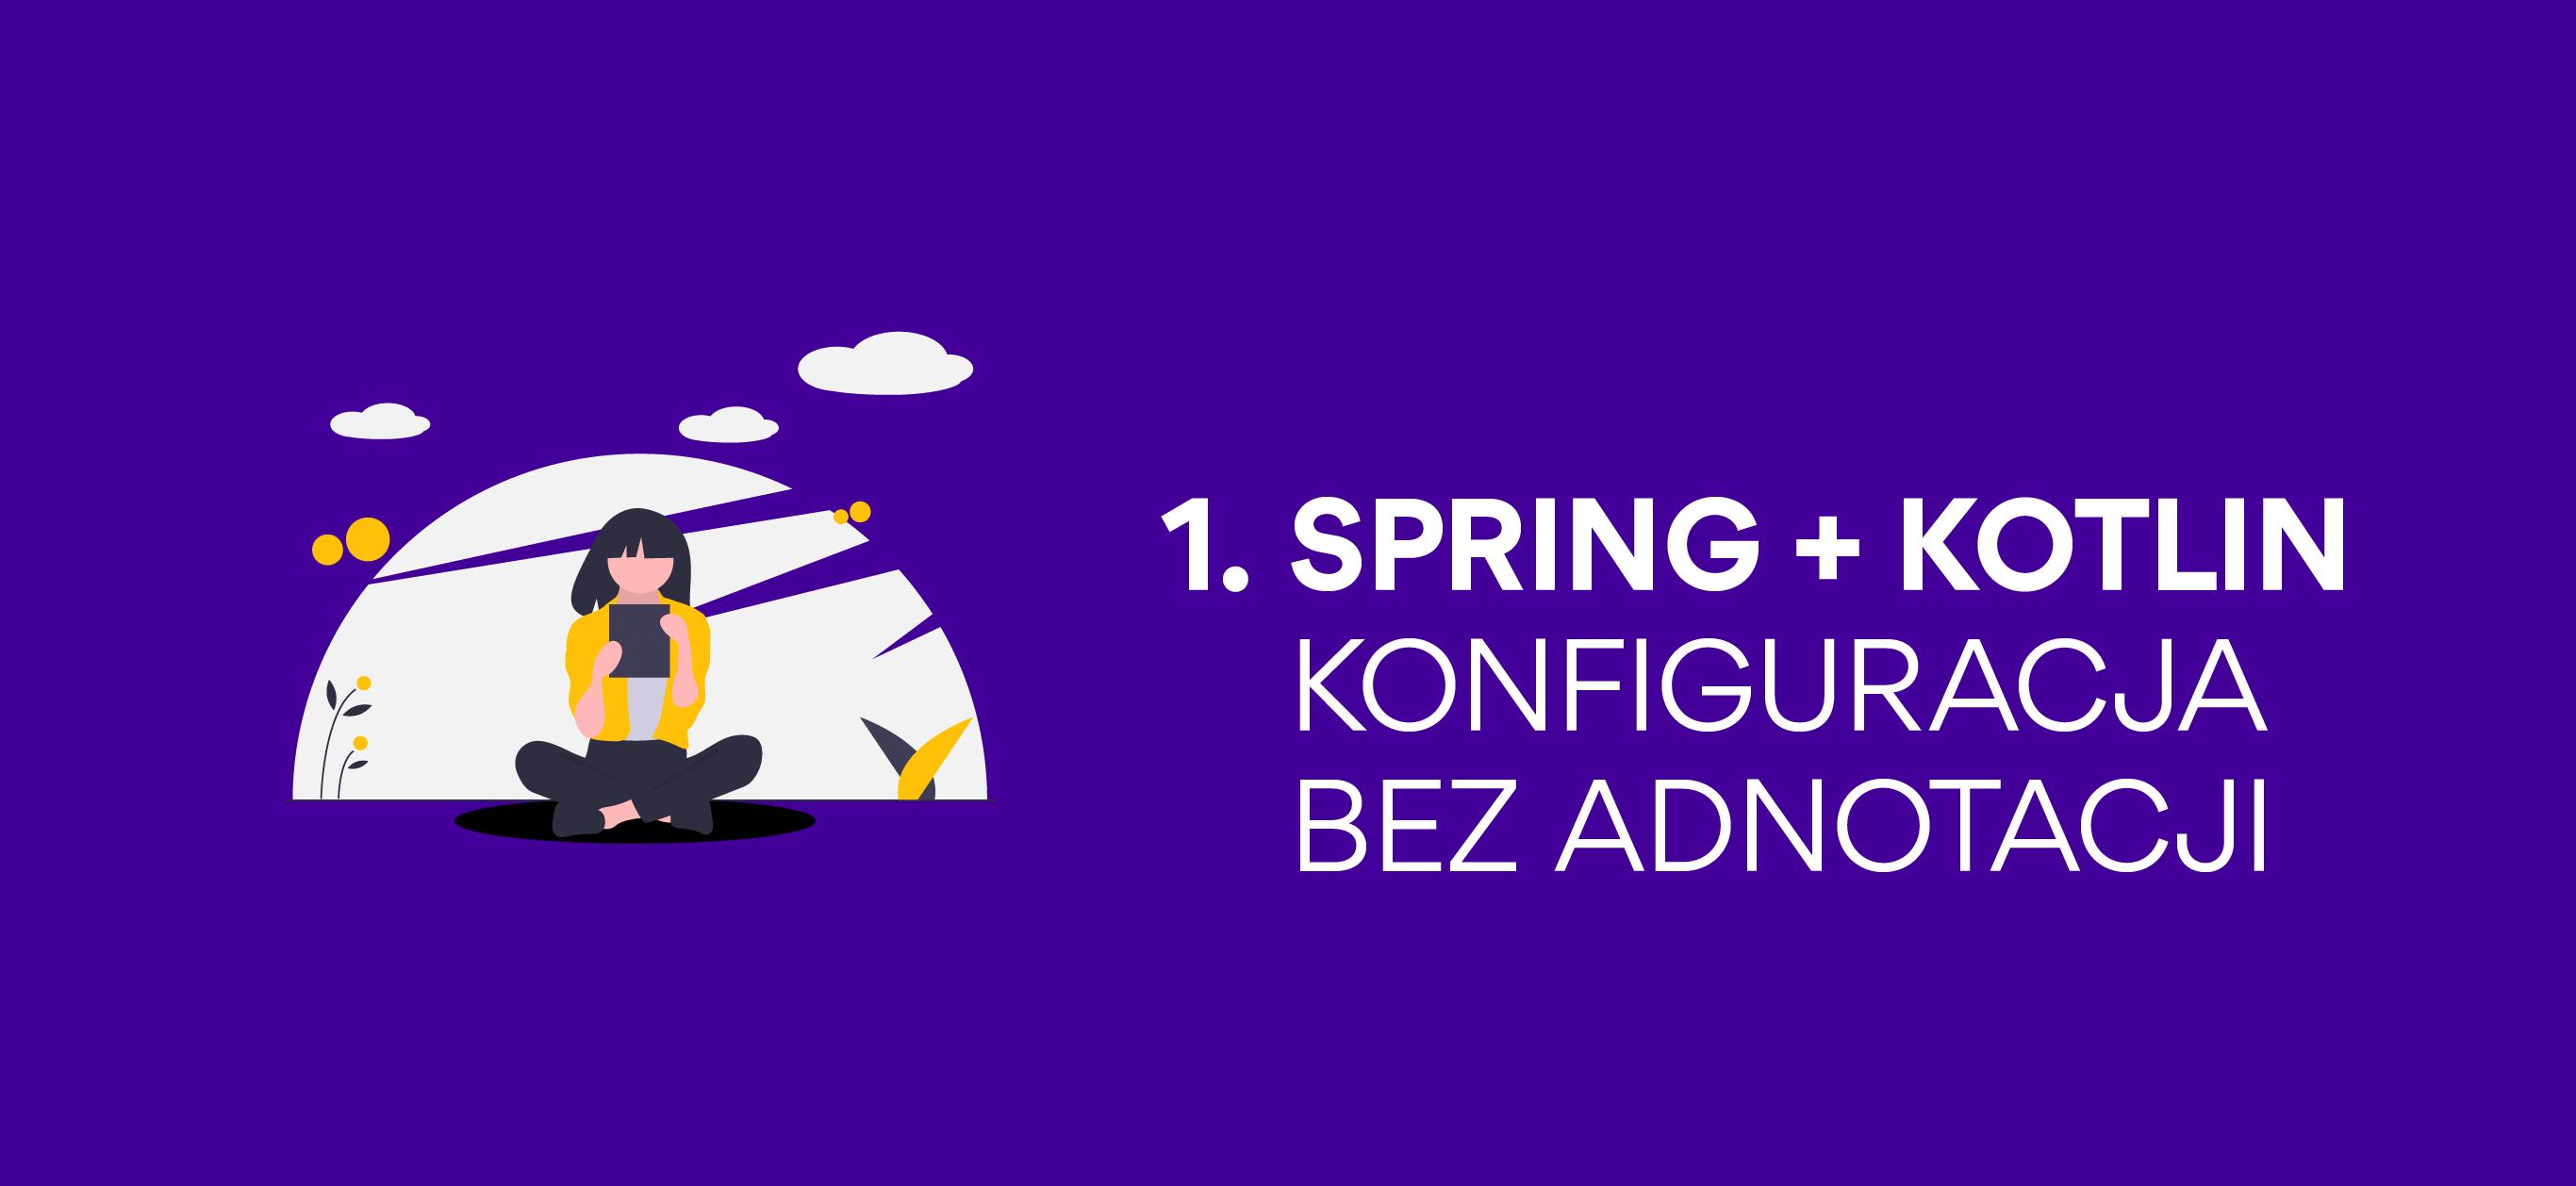 Spring + Kotlin 1: konfiguracja bezadnotacji